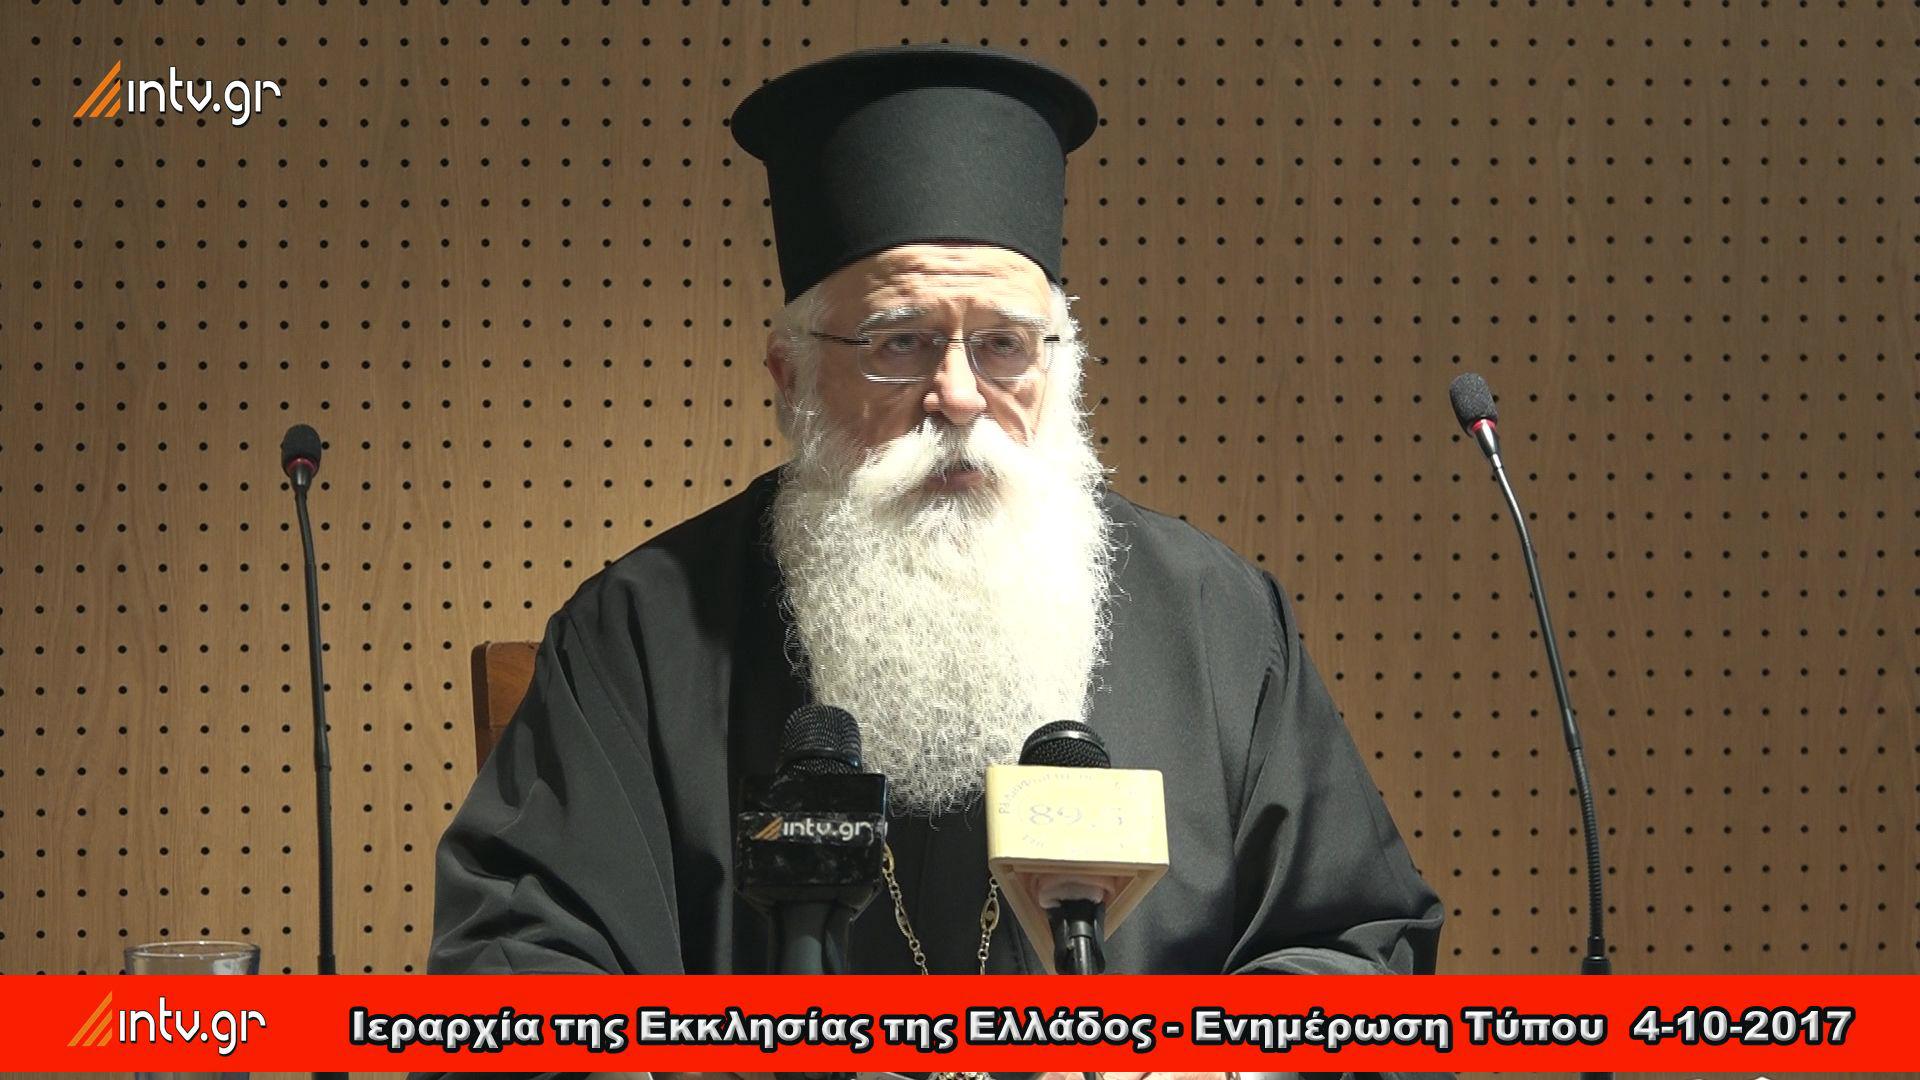 Ιεραρχία της Εκκλησίας της Ελλάδος - Ενημέρωση Τύπου 4-10-2017